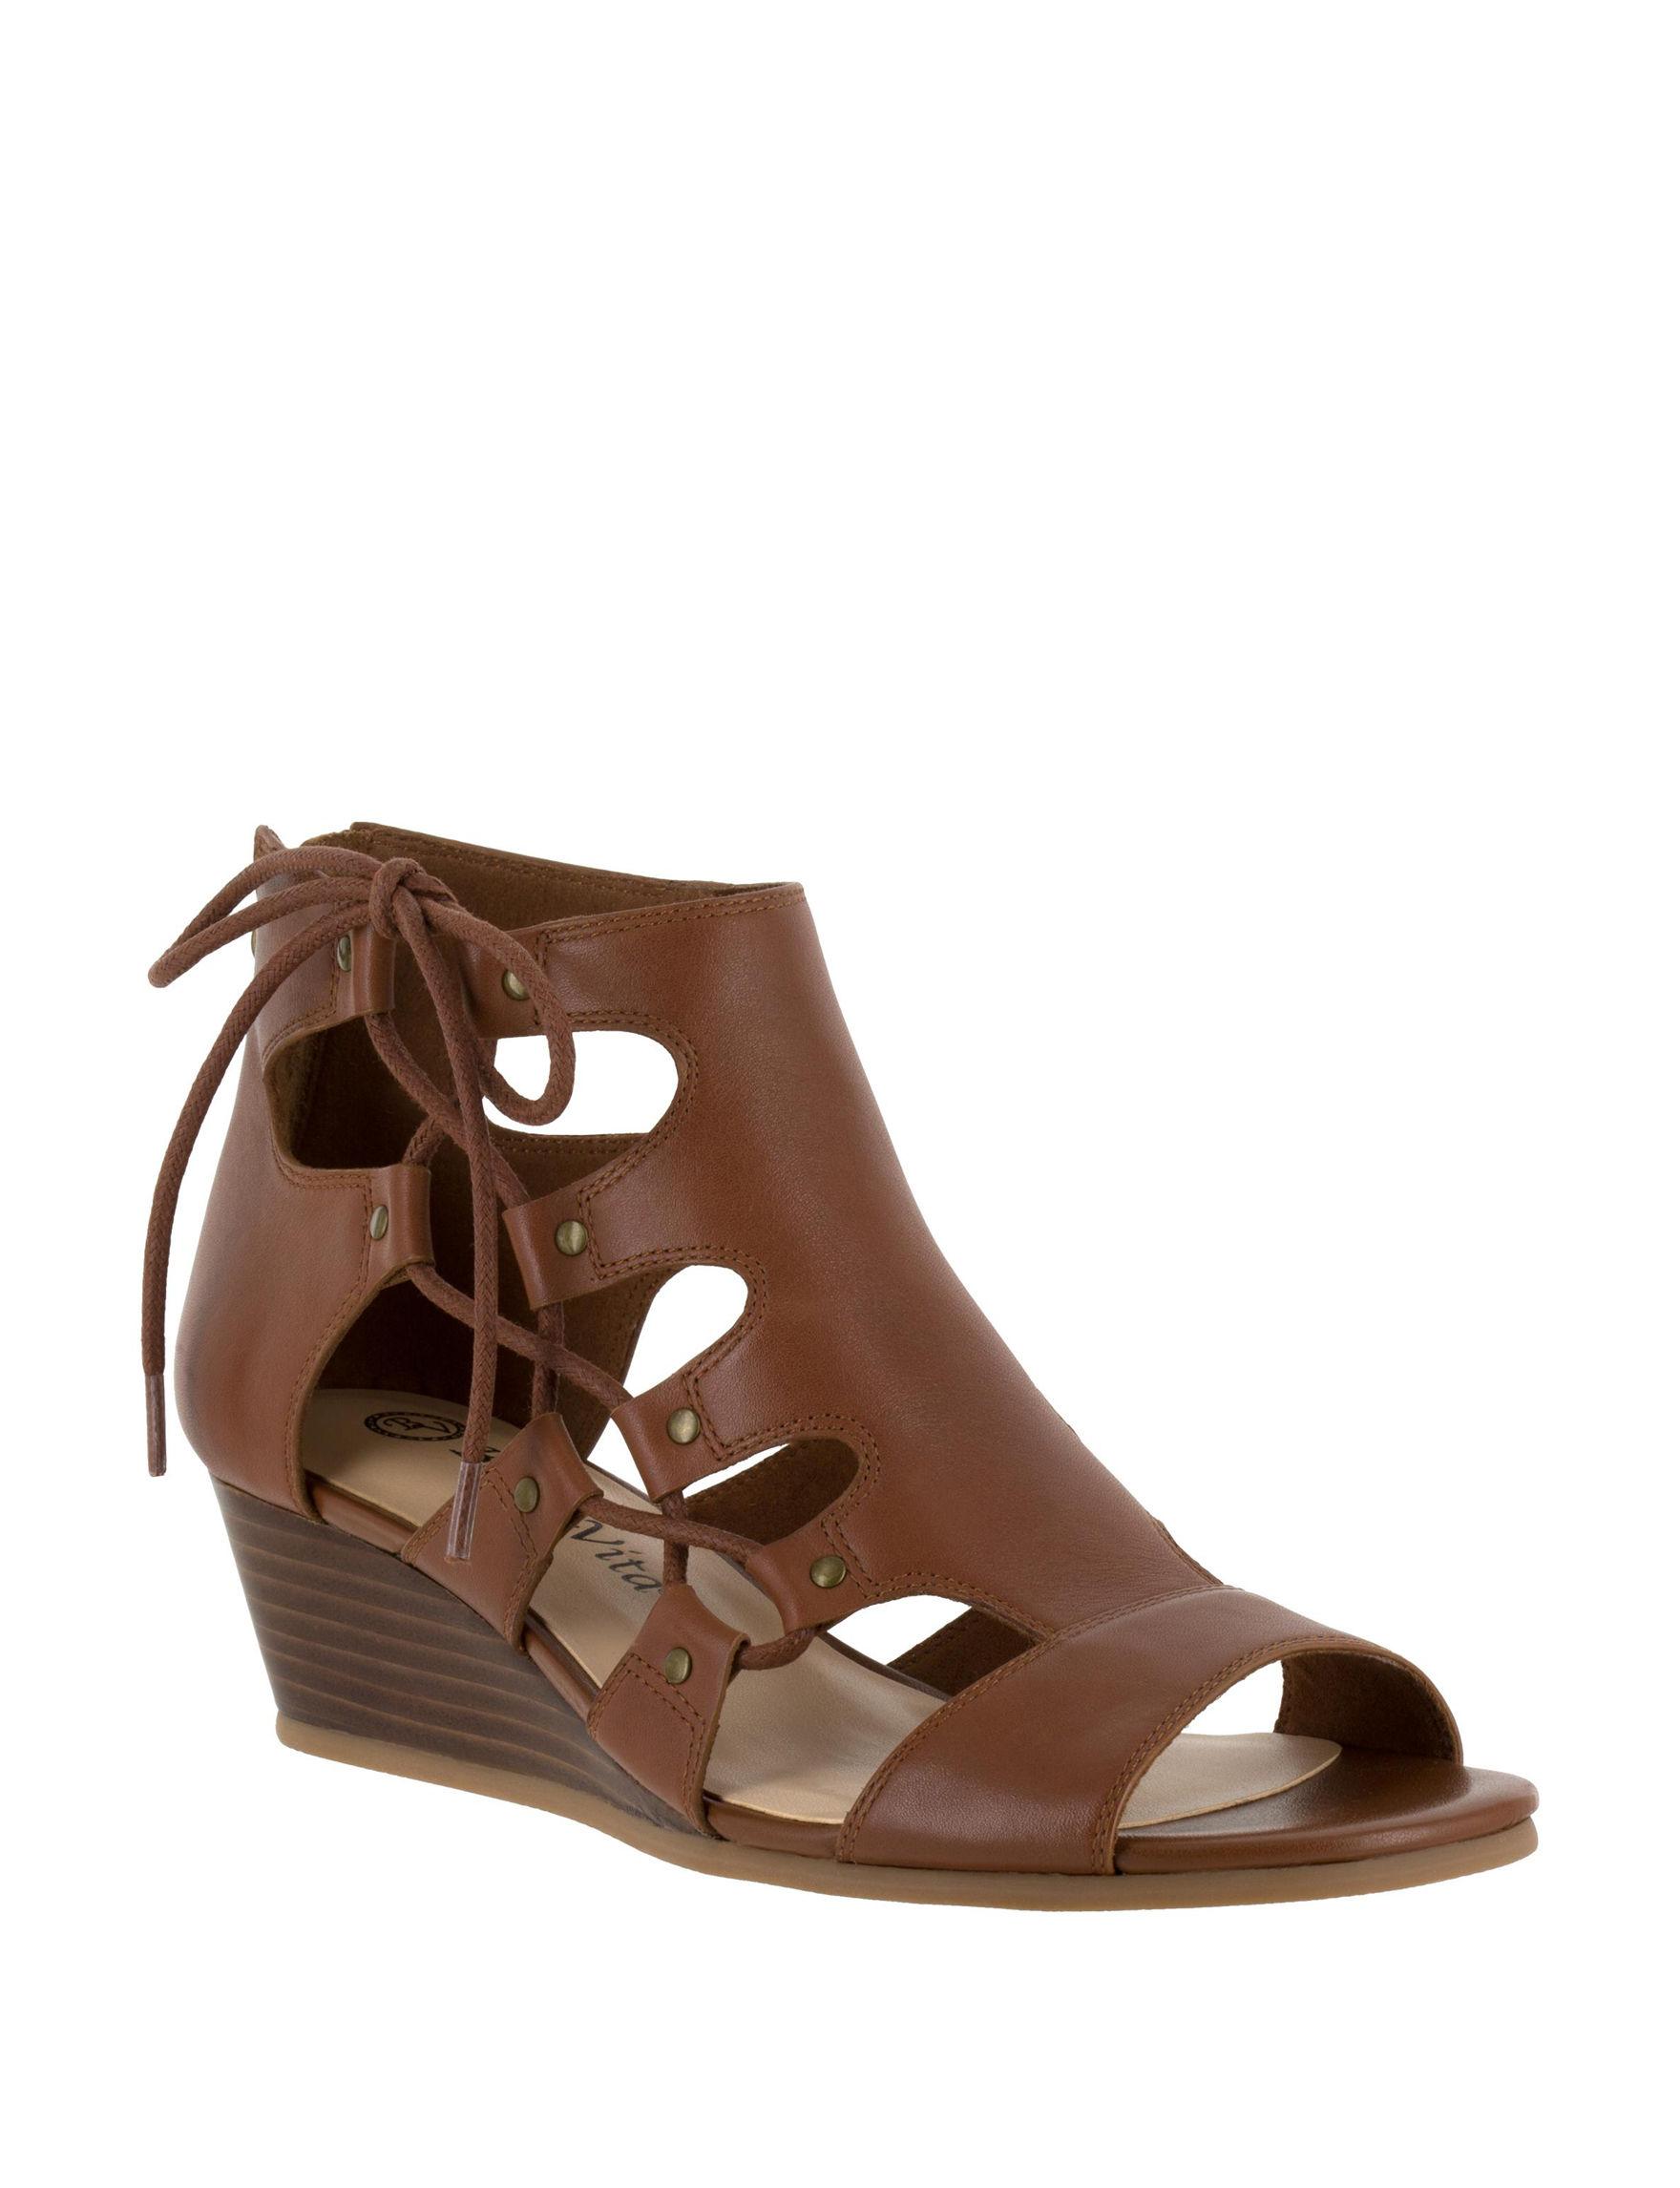 Bella Vita Beige Wedge Sandals